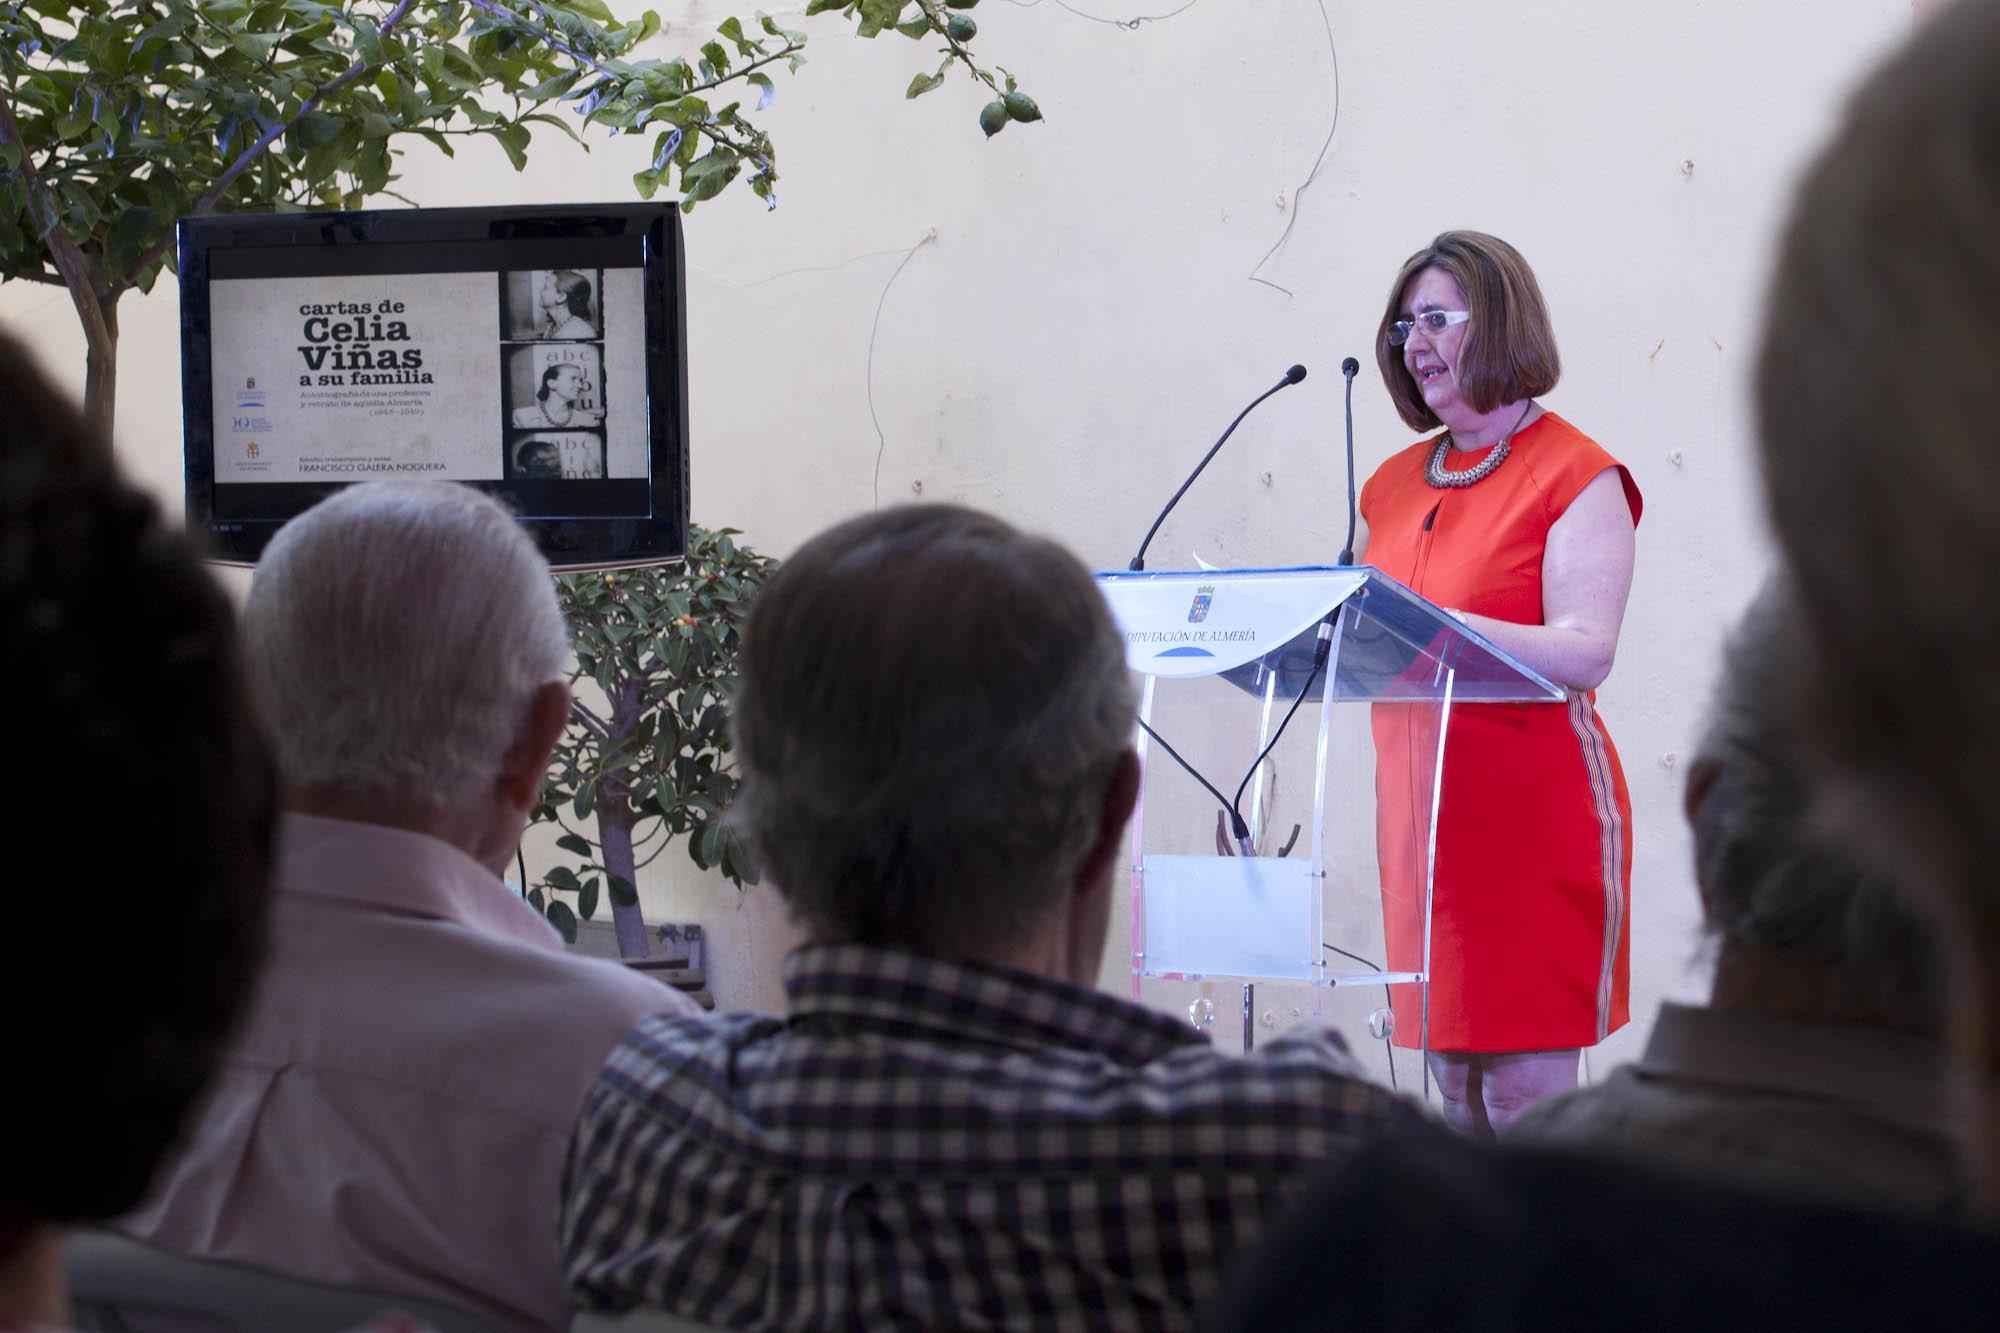 Diputación e IEA presentan 'Cartas de Celia Viñas a su familia' con Poesía cantada por Sensi Falán